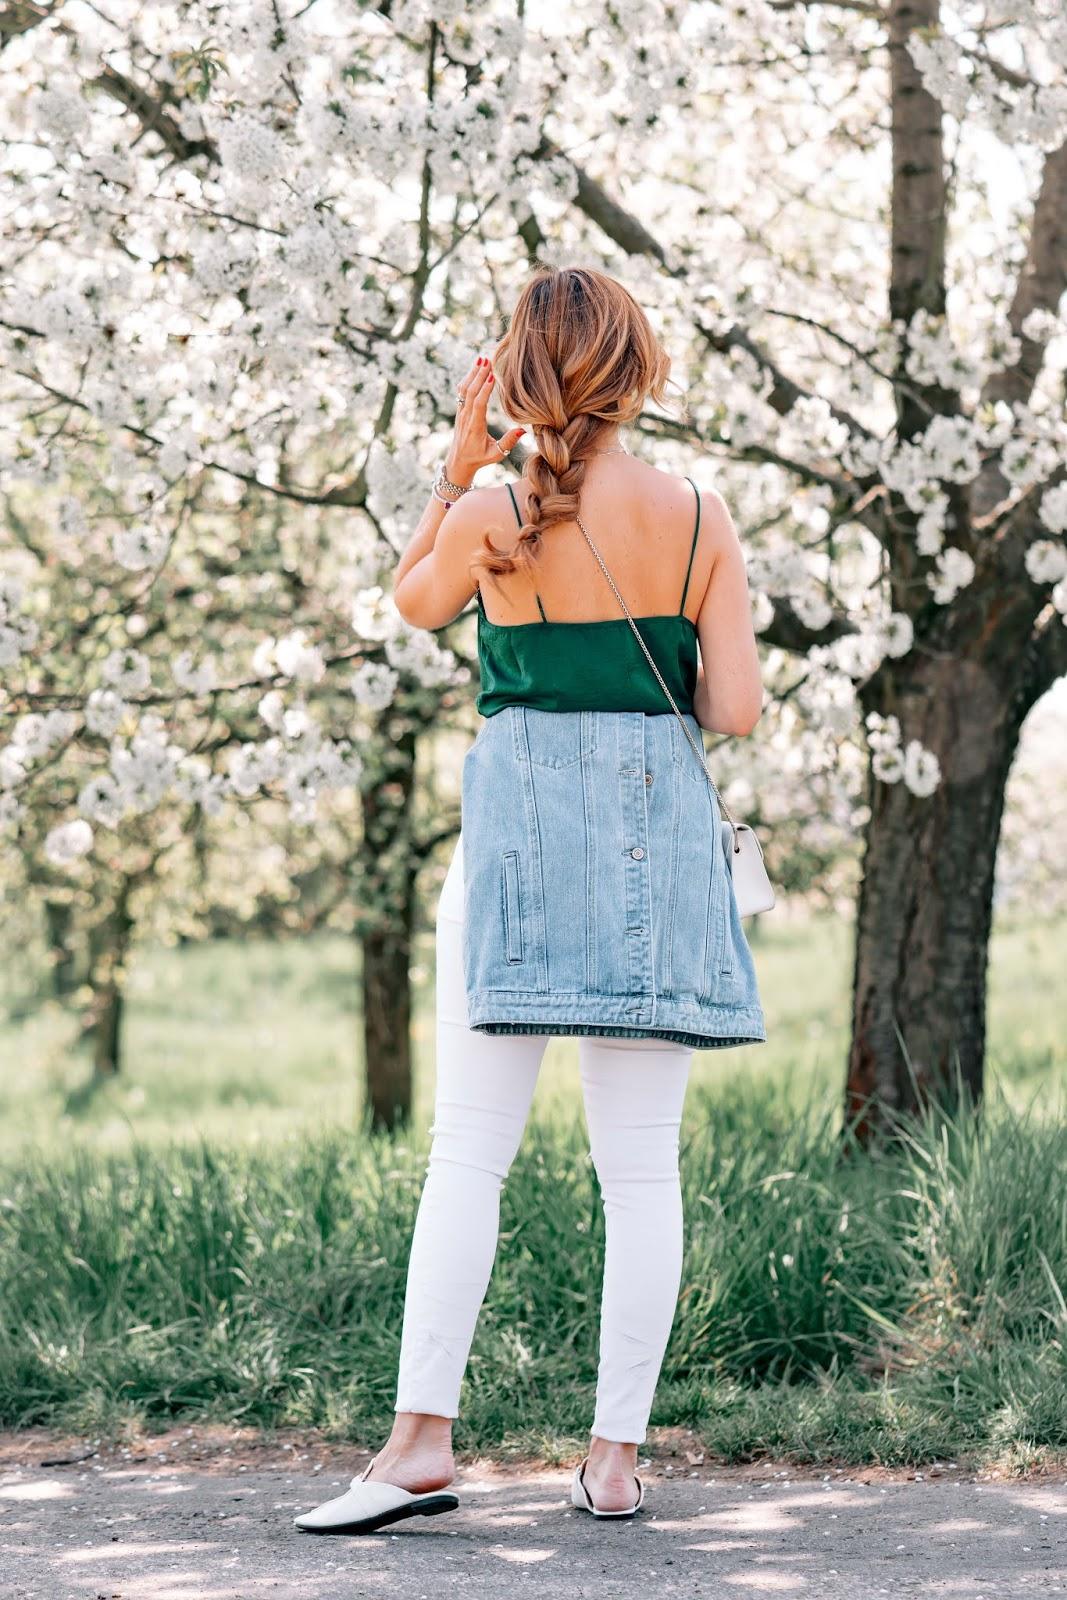 was-ziehe-ich-im-sommer-an-must-have-für-den-sommer-fashionstylebyjohanna-Frühling-sommeroutfit-inspiration